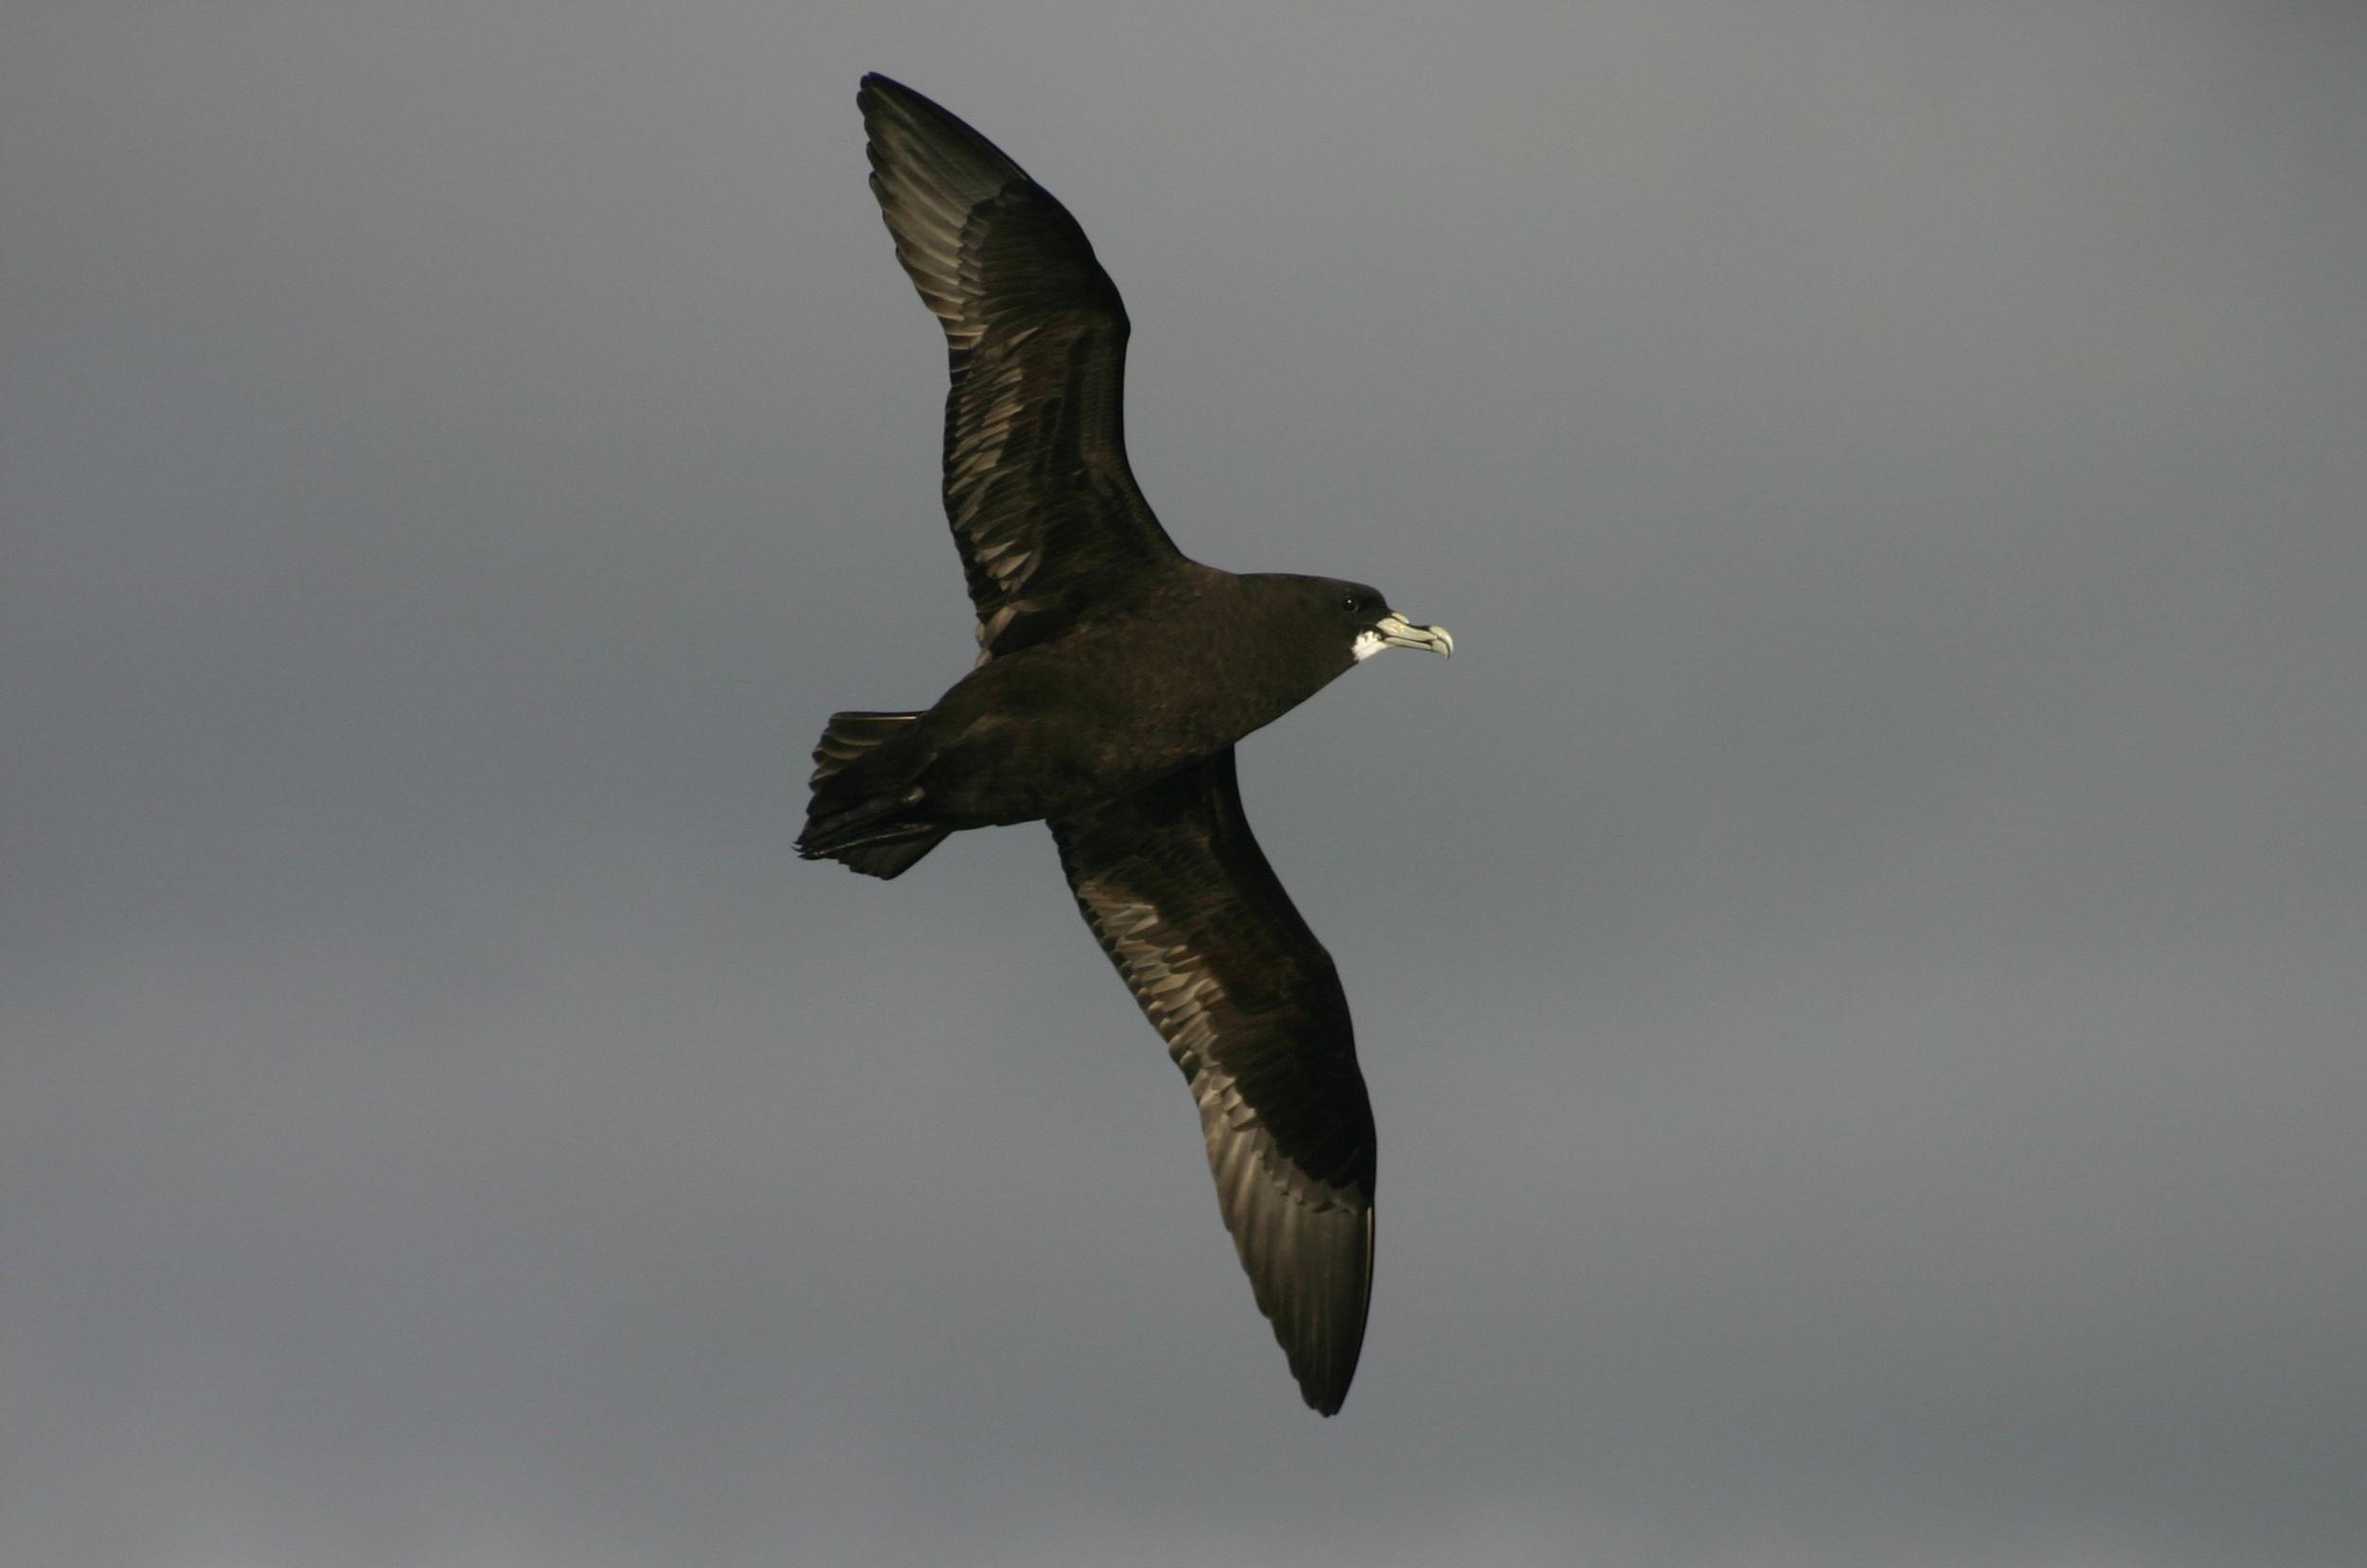 Petrels & Shearwaters (Photo: Oliver Yates, BirdLife International)